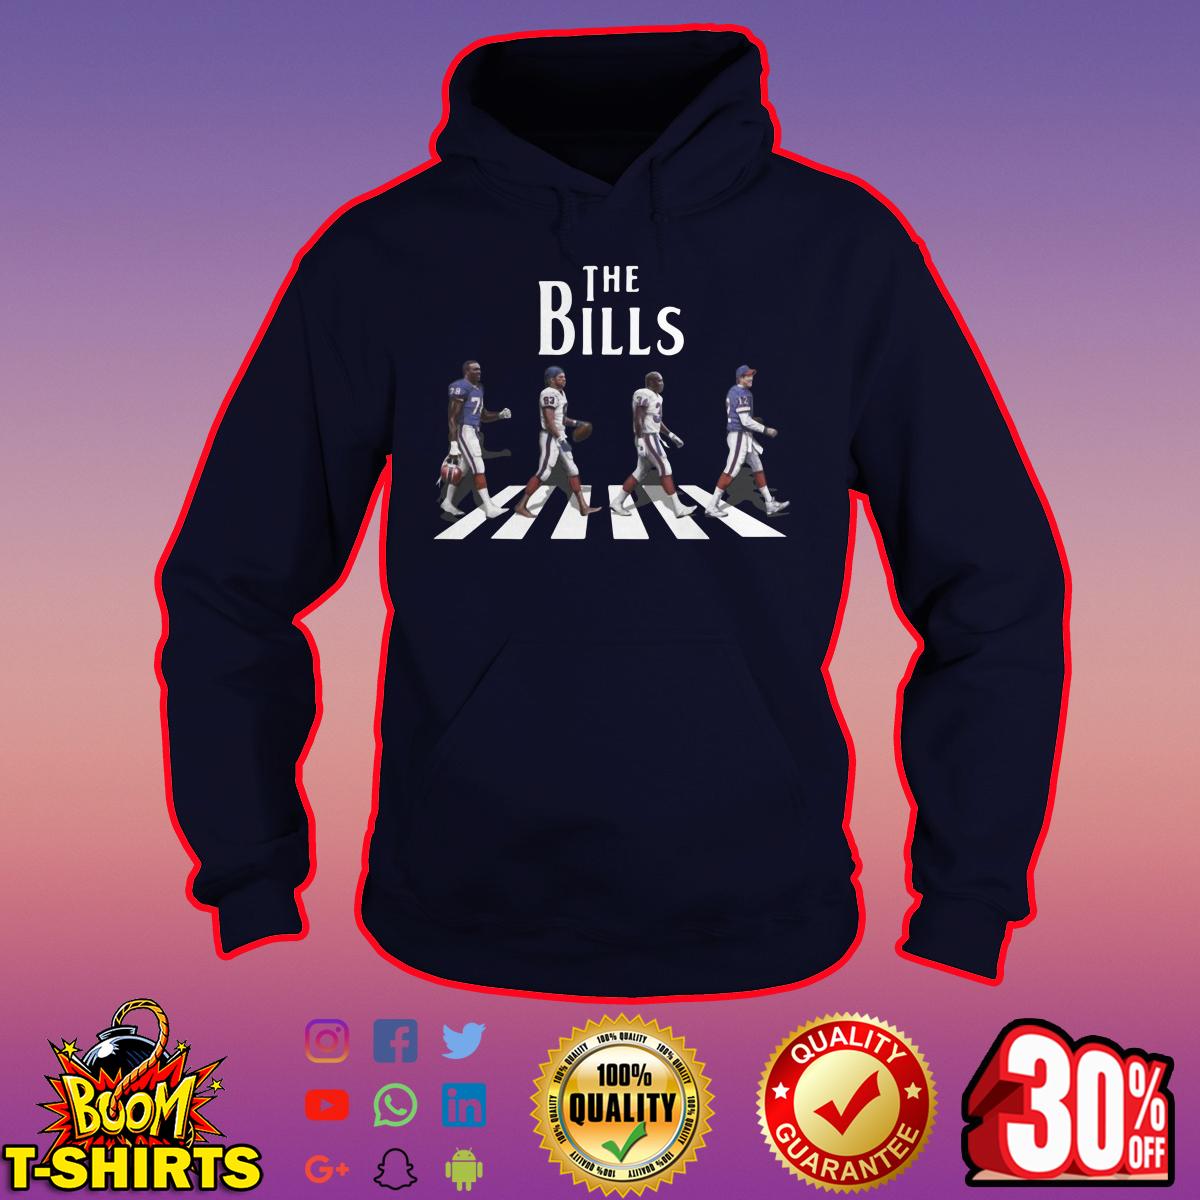 The Bills Abbey Road hoodie